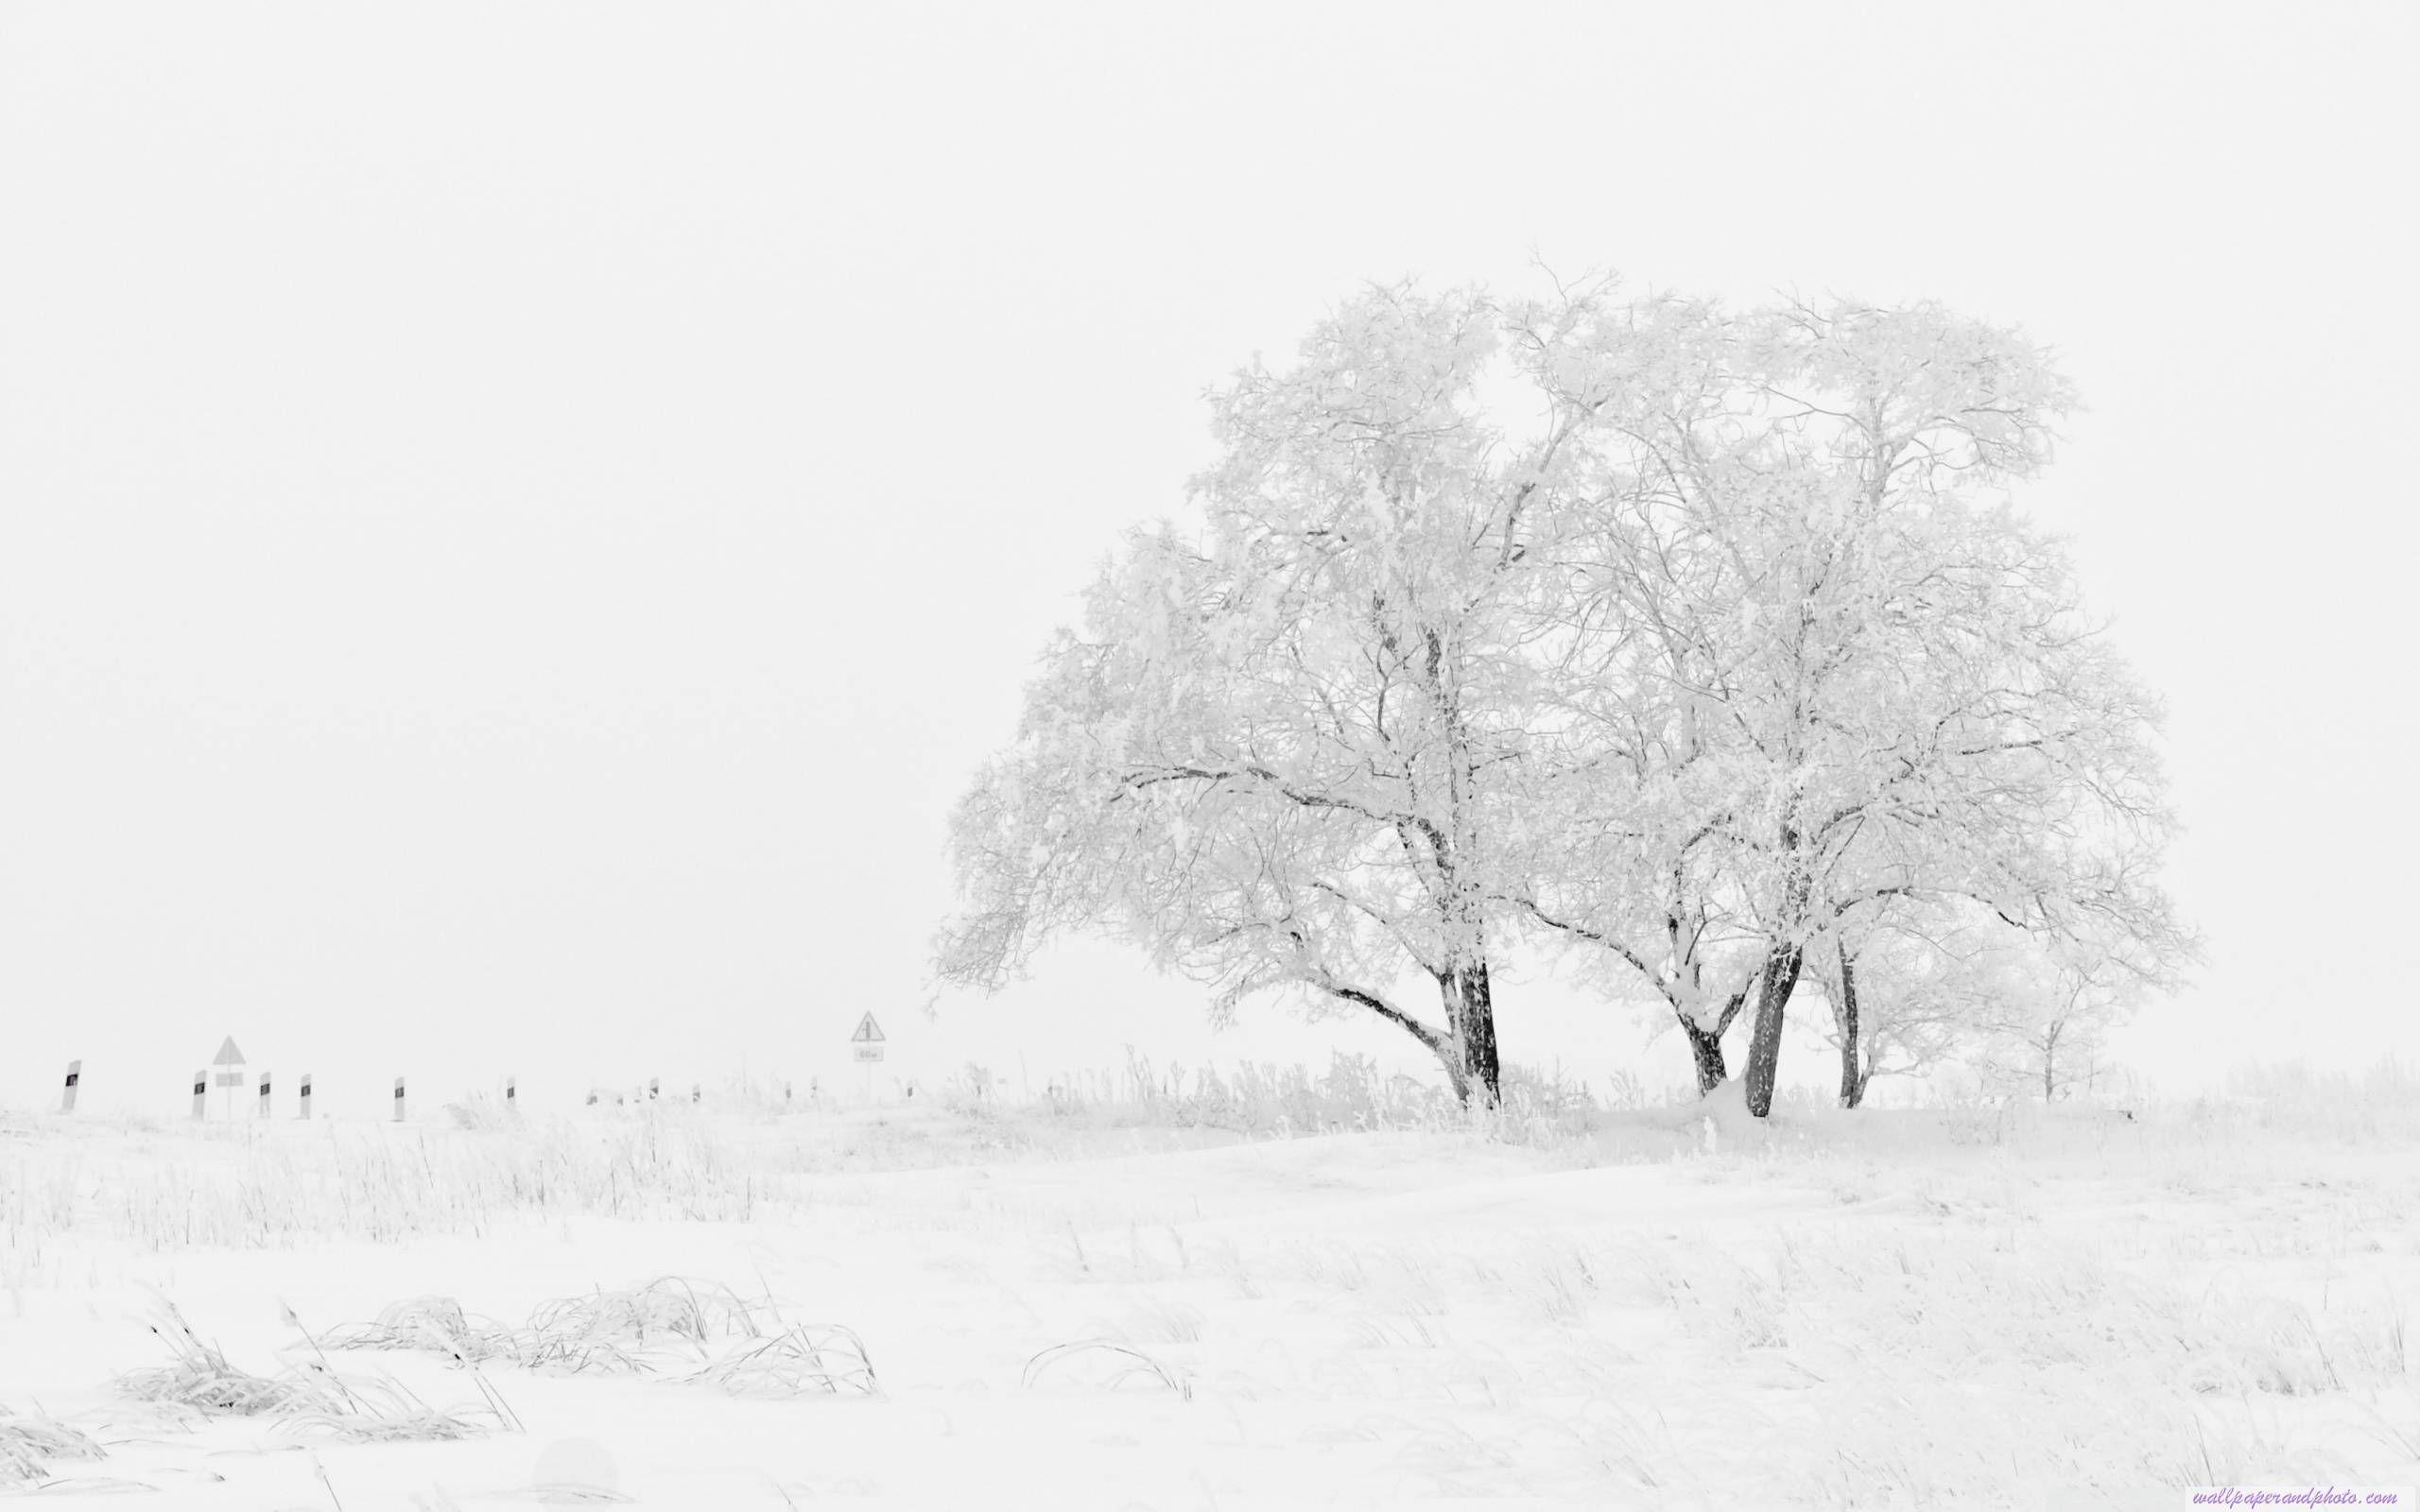 White Winter HD 16 9 16 10 desktop wallpaper Fullscreen Mobile